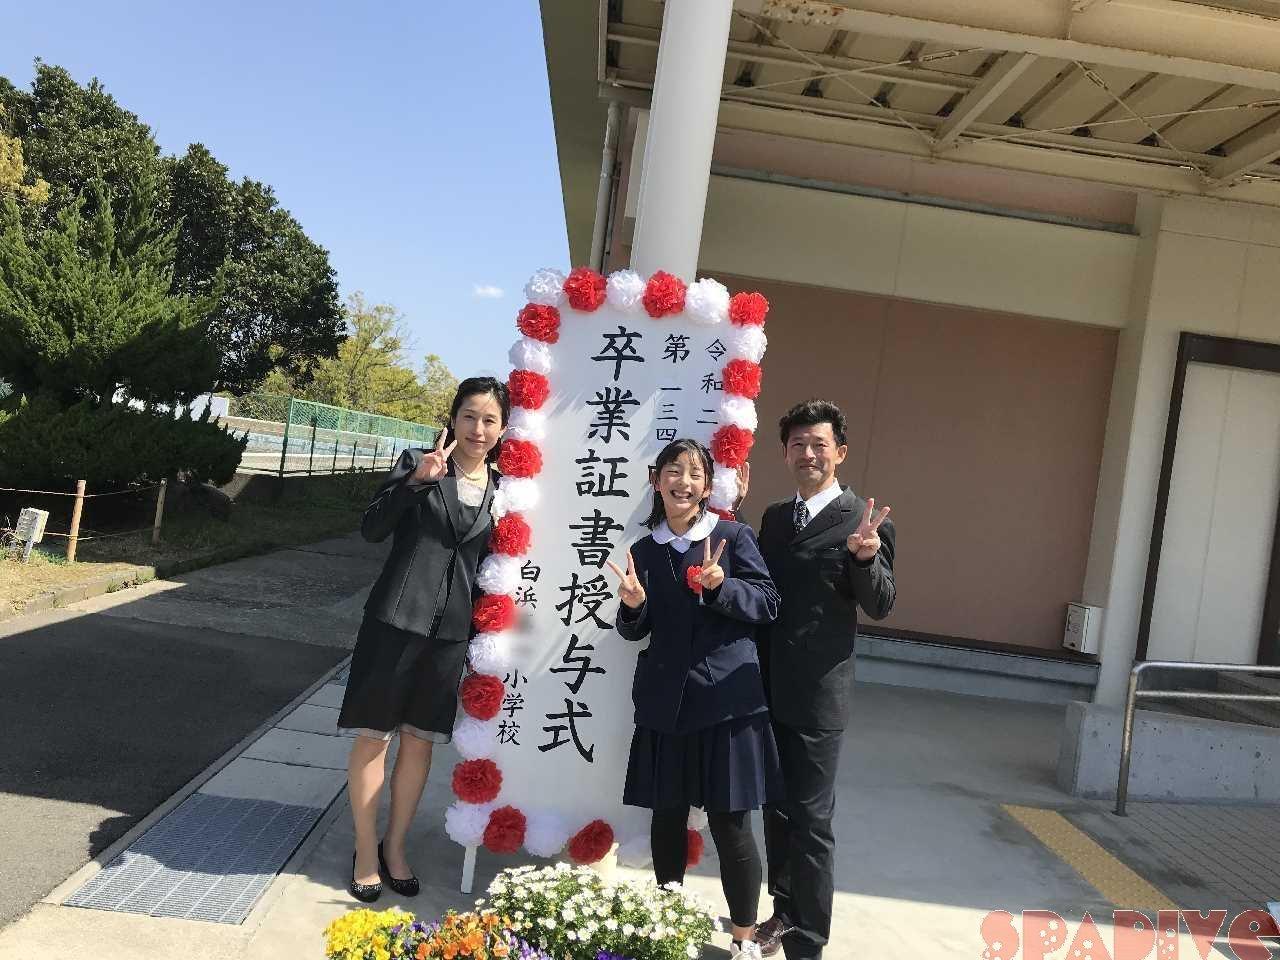 長女の小学校卒業式|初めてのわが子卒業式|3/23/2021